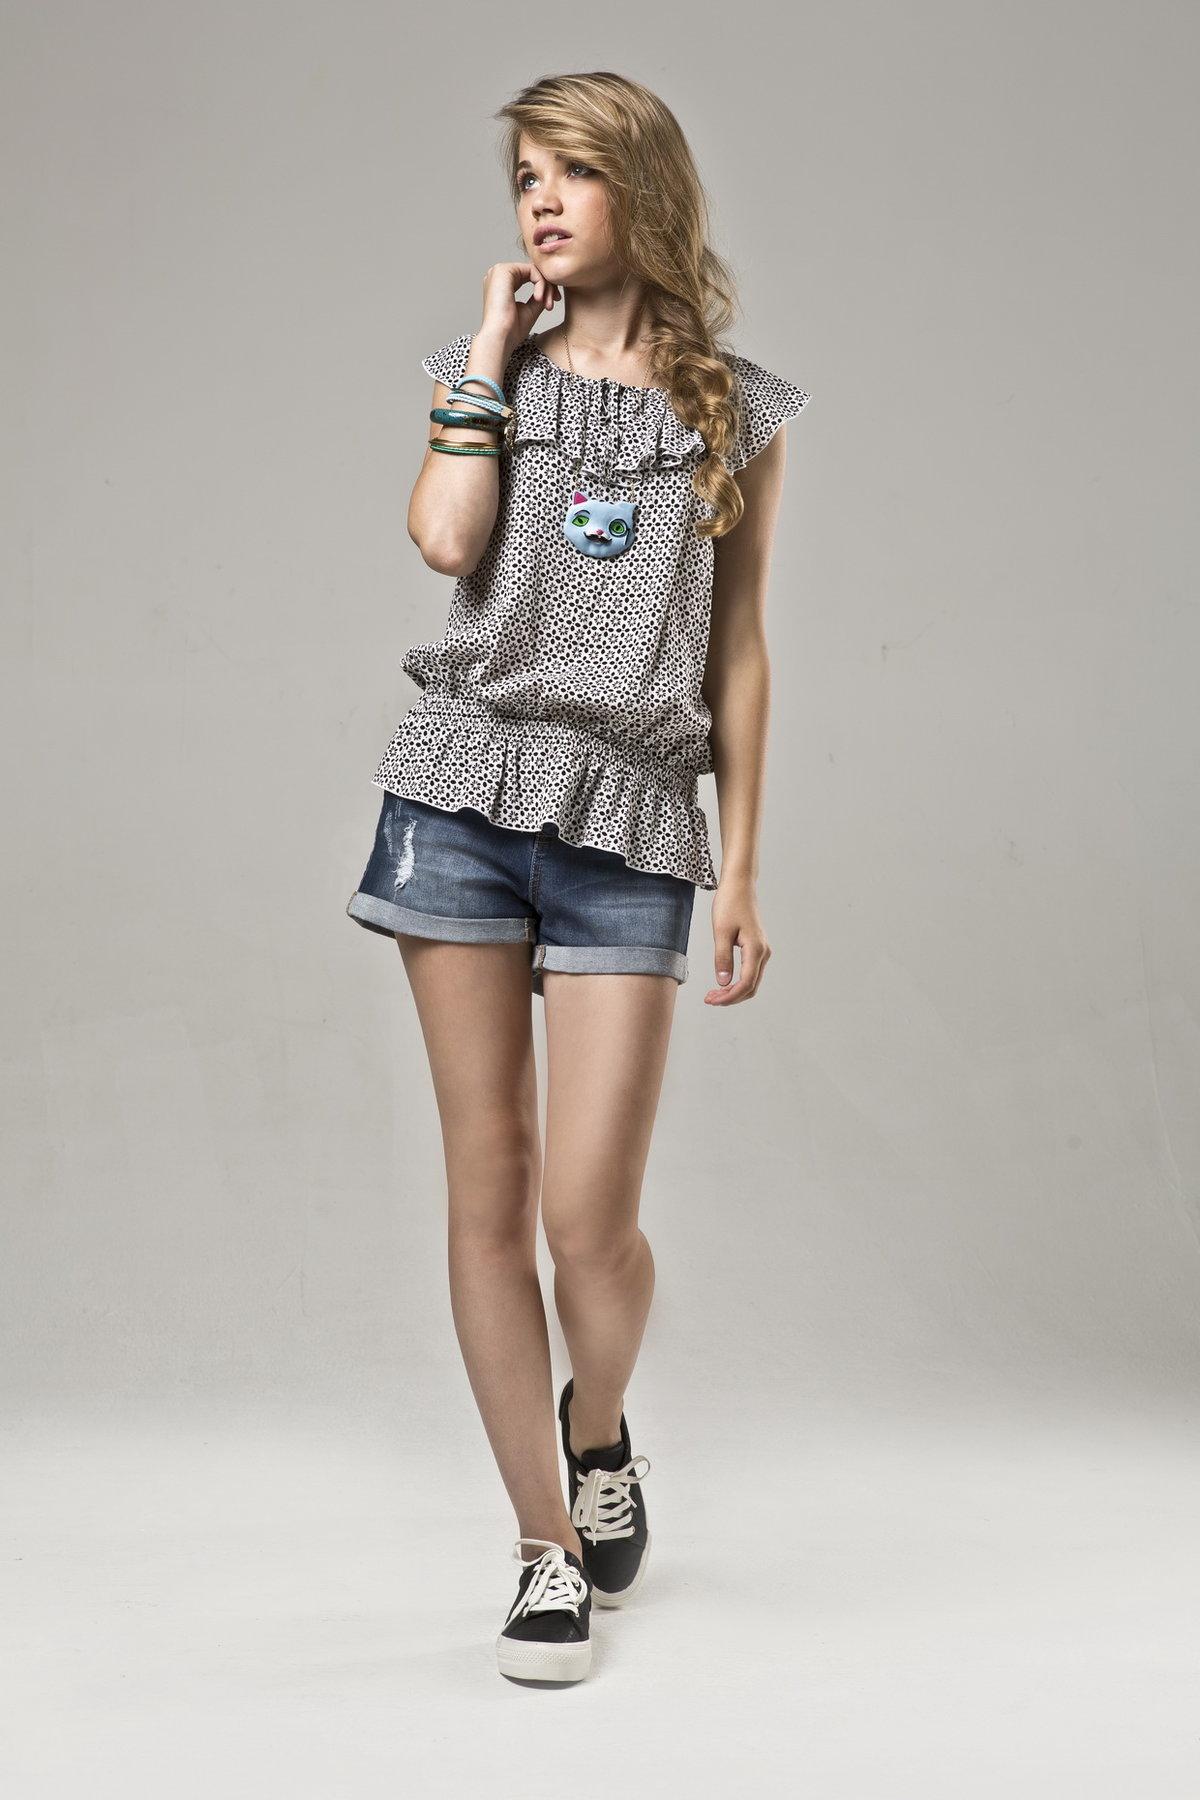 Одежда модная картинки для подростков